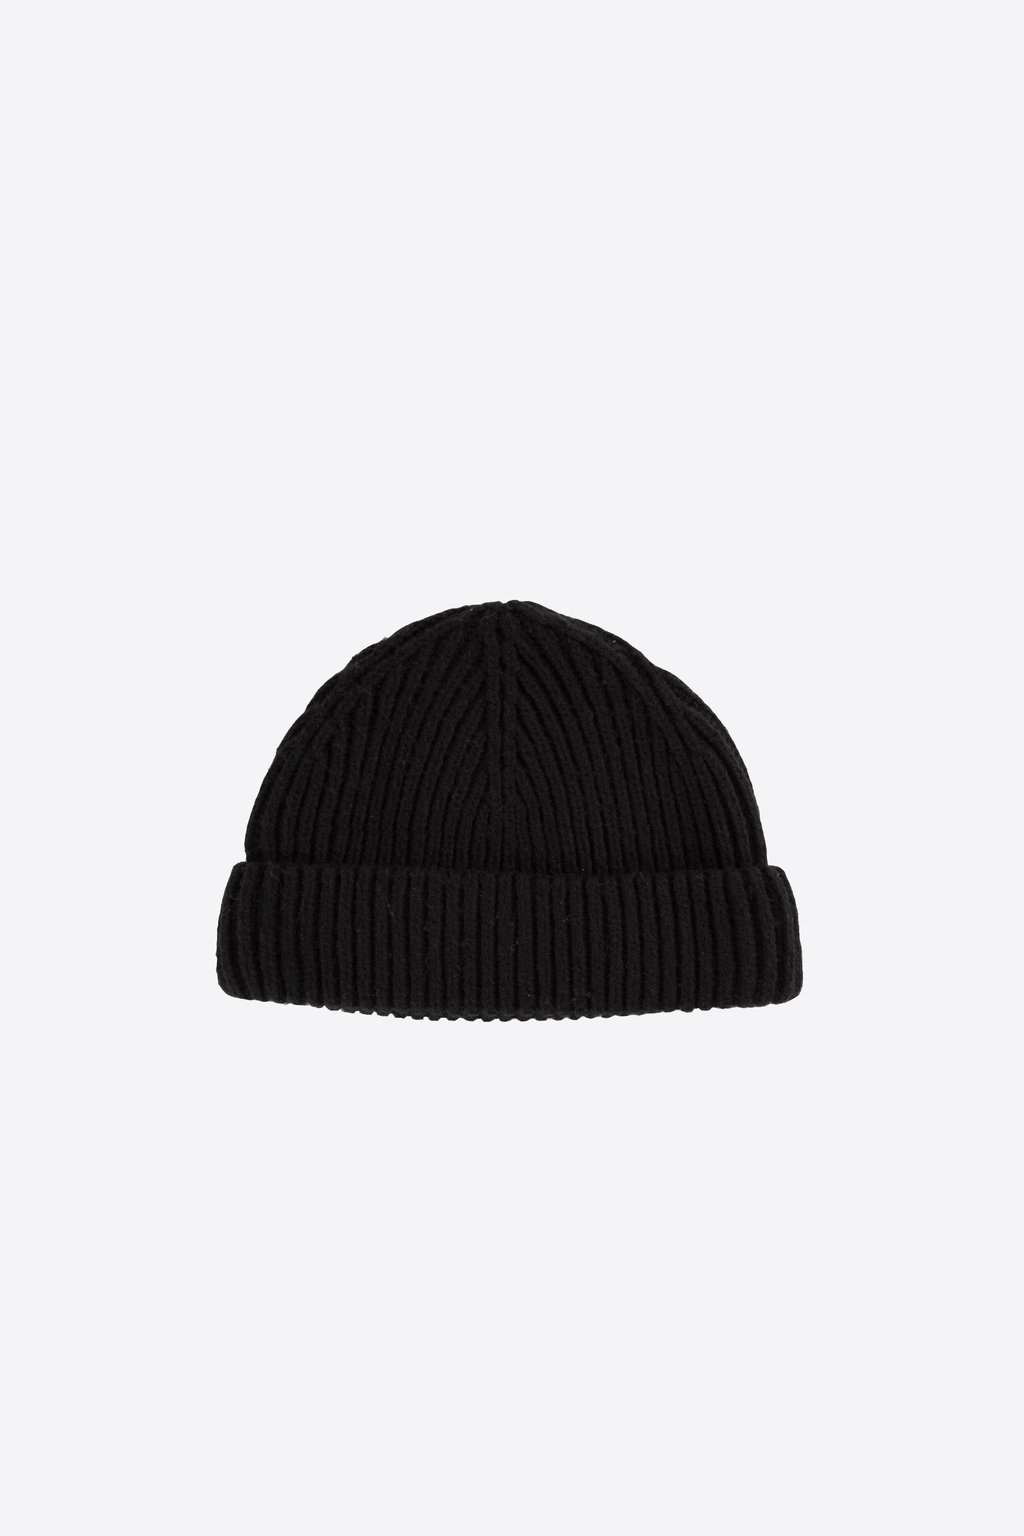 Hat 97026 Black 1